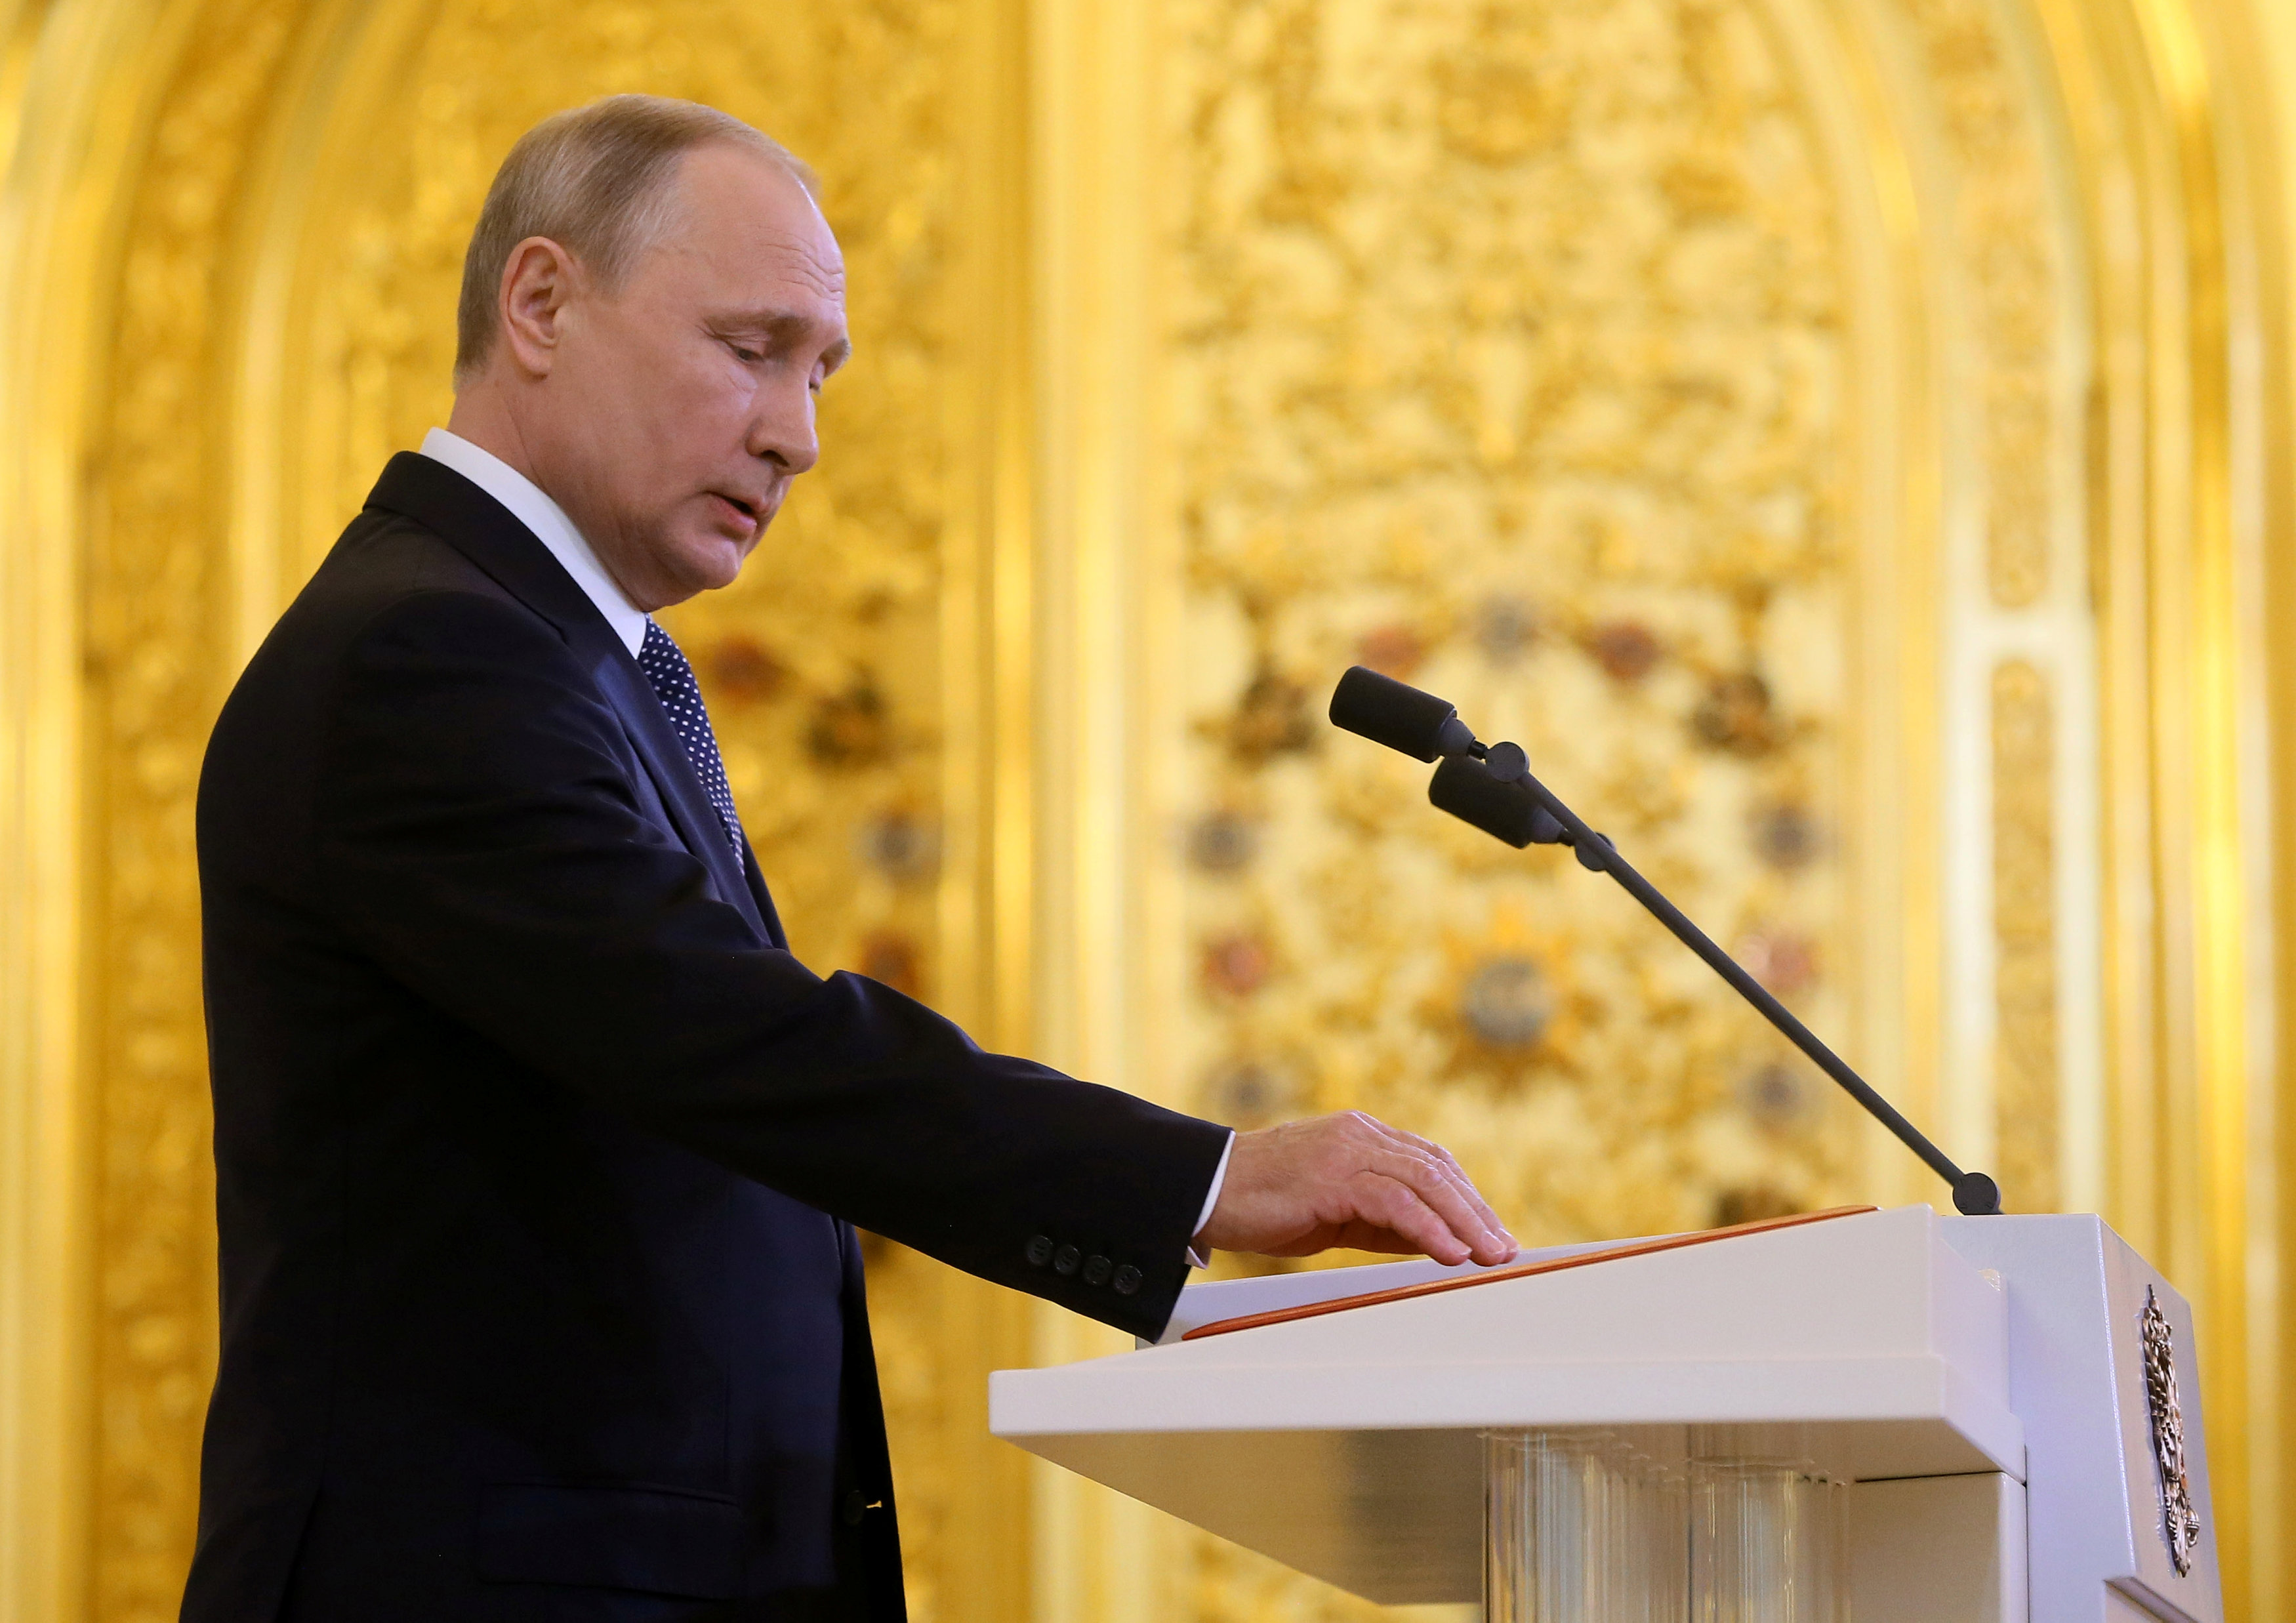 Журналист узнал, что Владимир Путин в последние годы стал очень набожным человеком